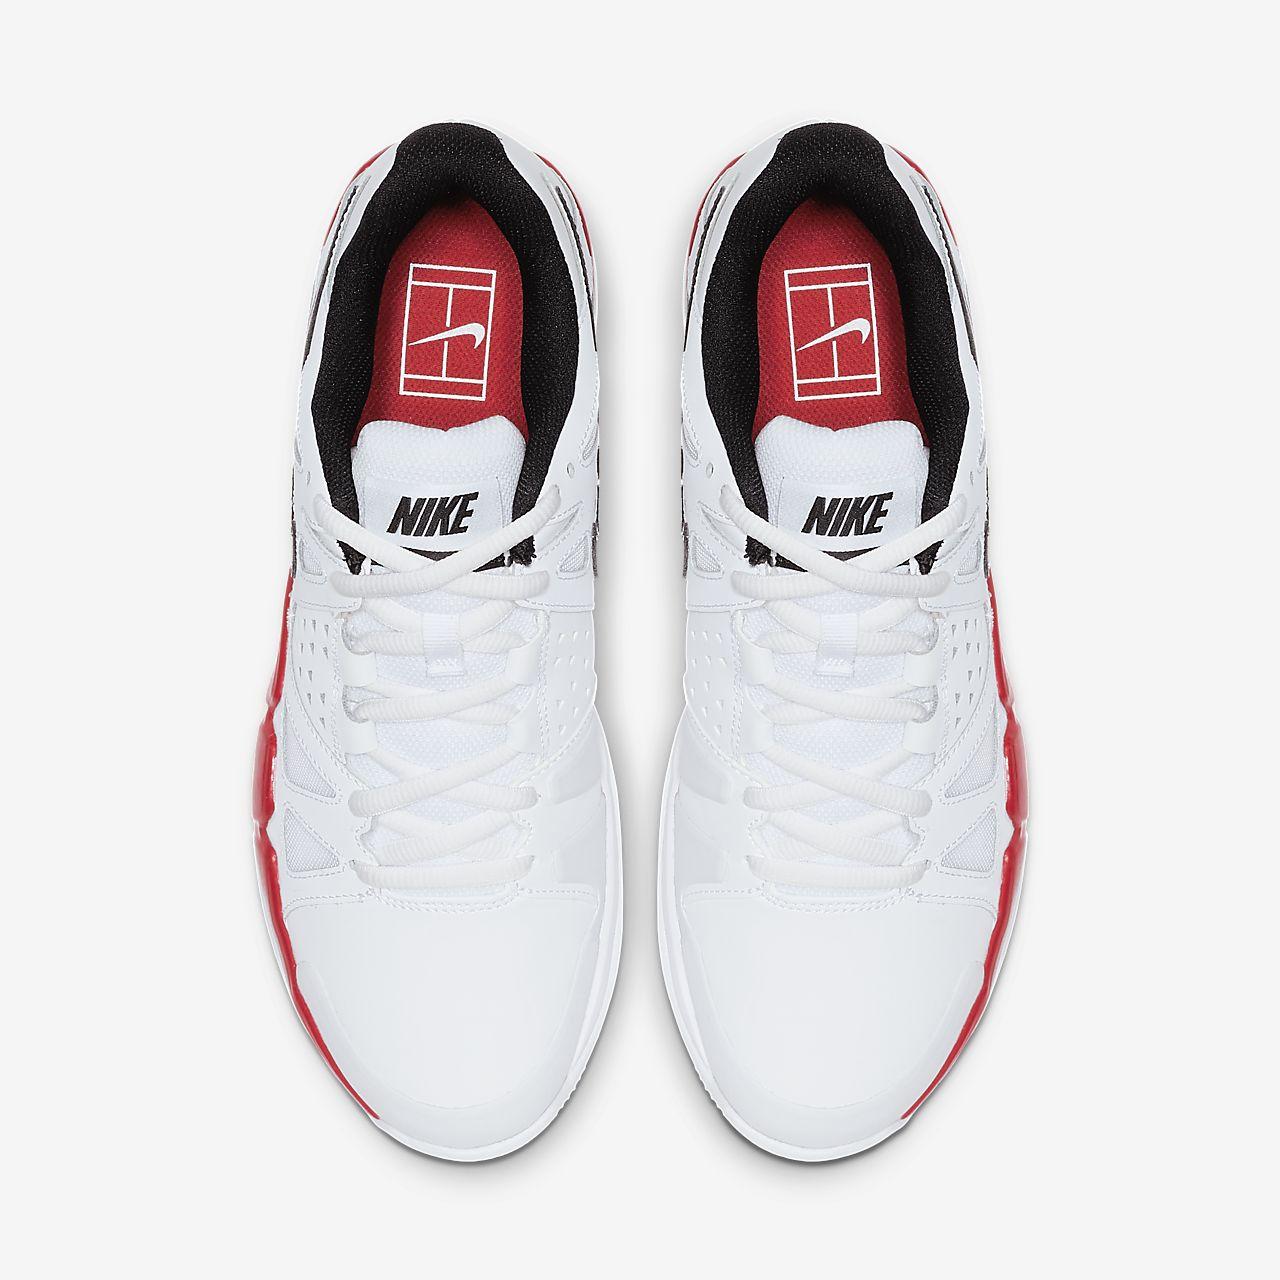 scarpe vapor nike uomo